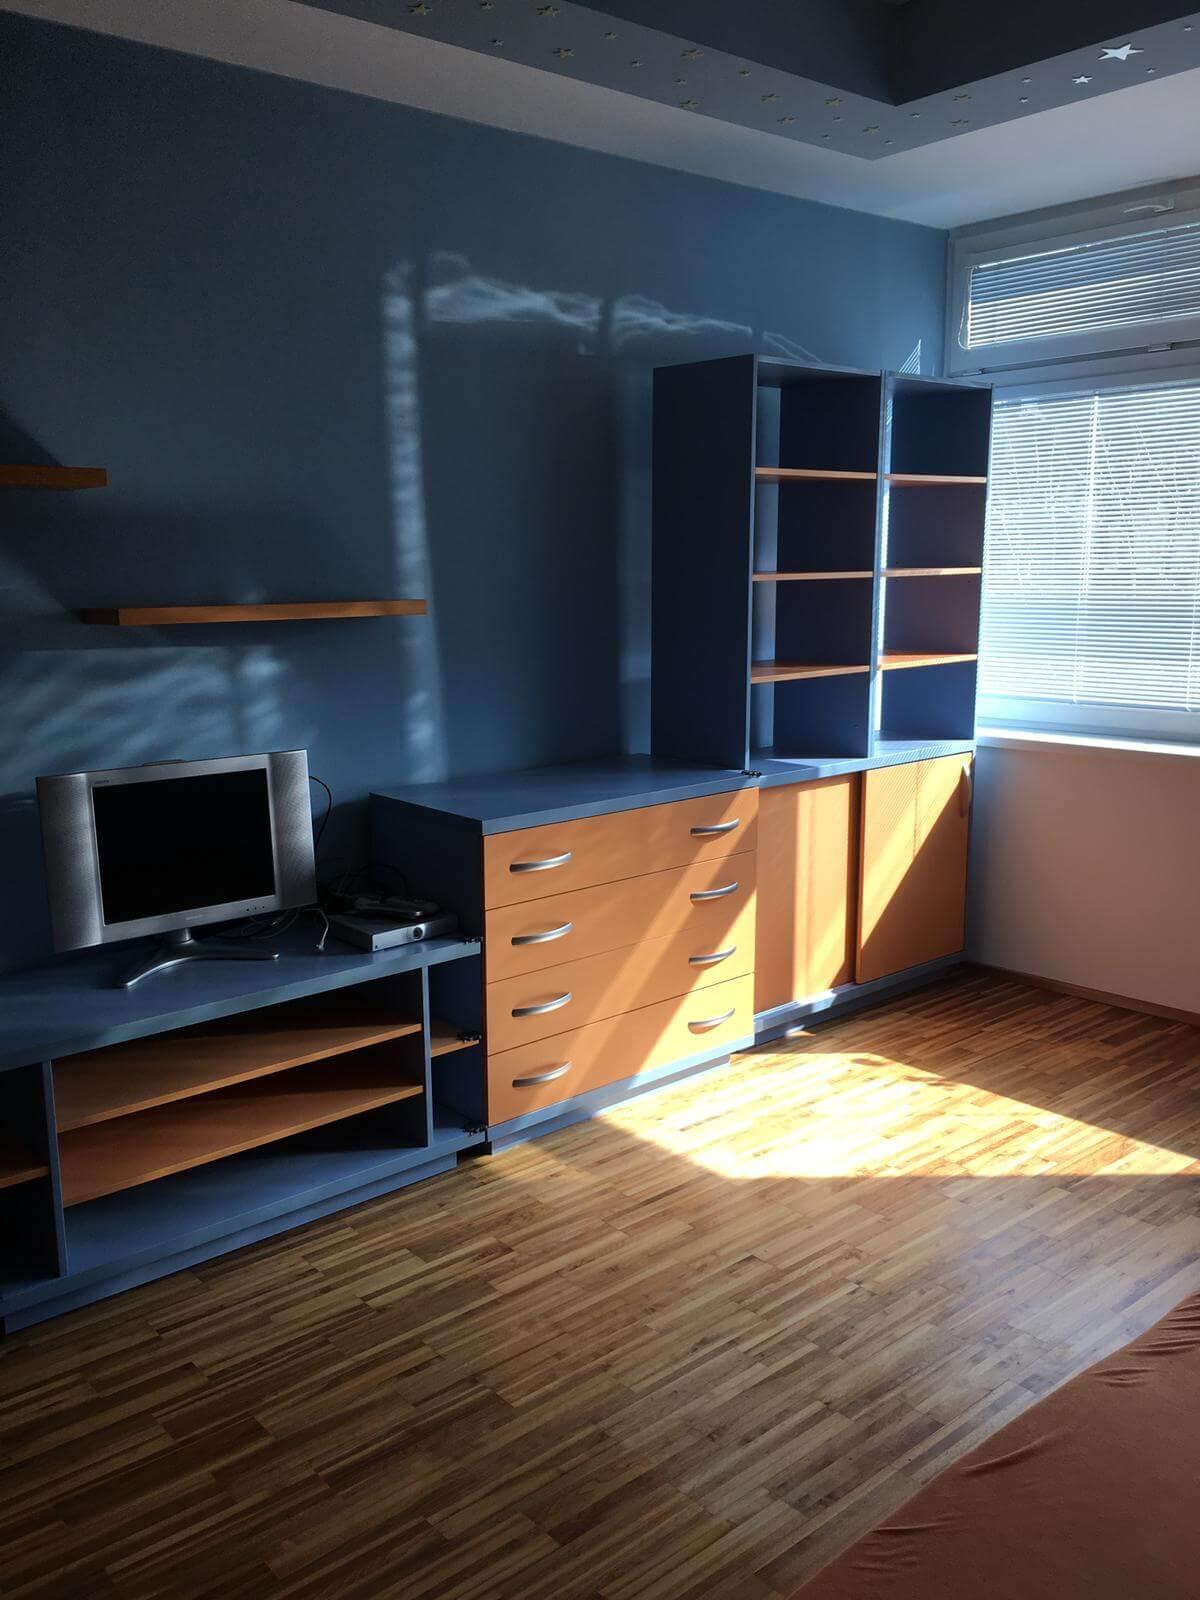 Prenajate: Prenájom 4 izbového luxusného bytu, Pri Slavíne, novostavba, 2x parkovanie, Boženy Nemcovej, Centrum-14